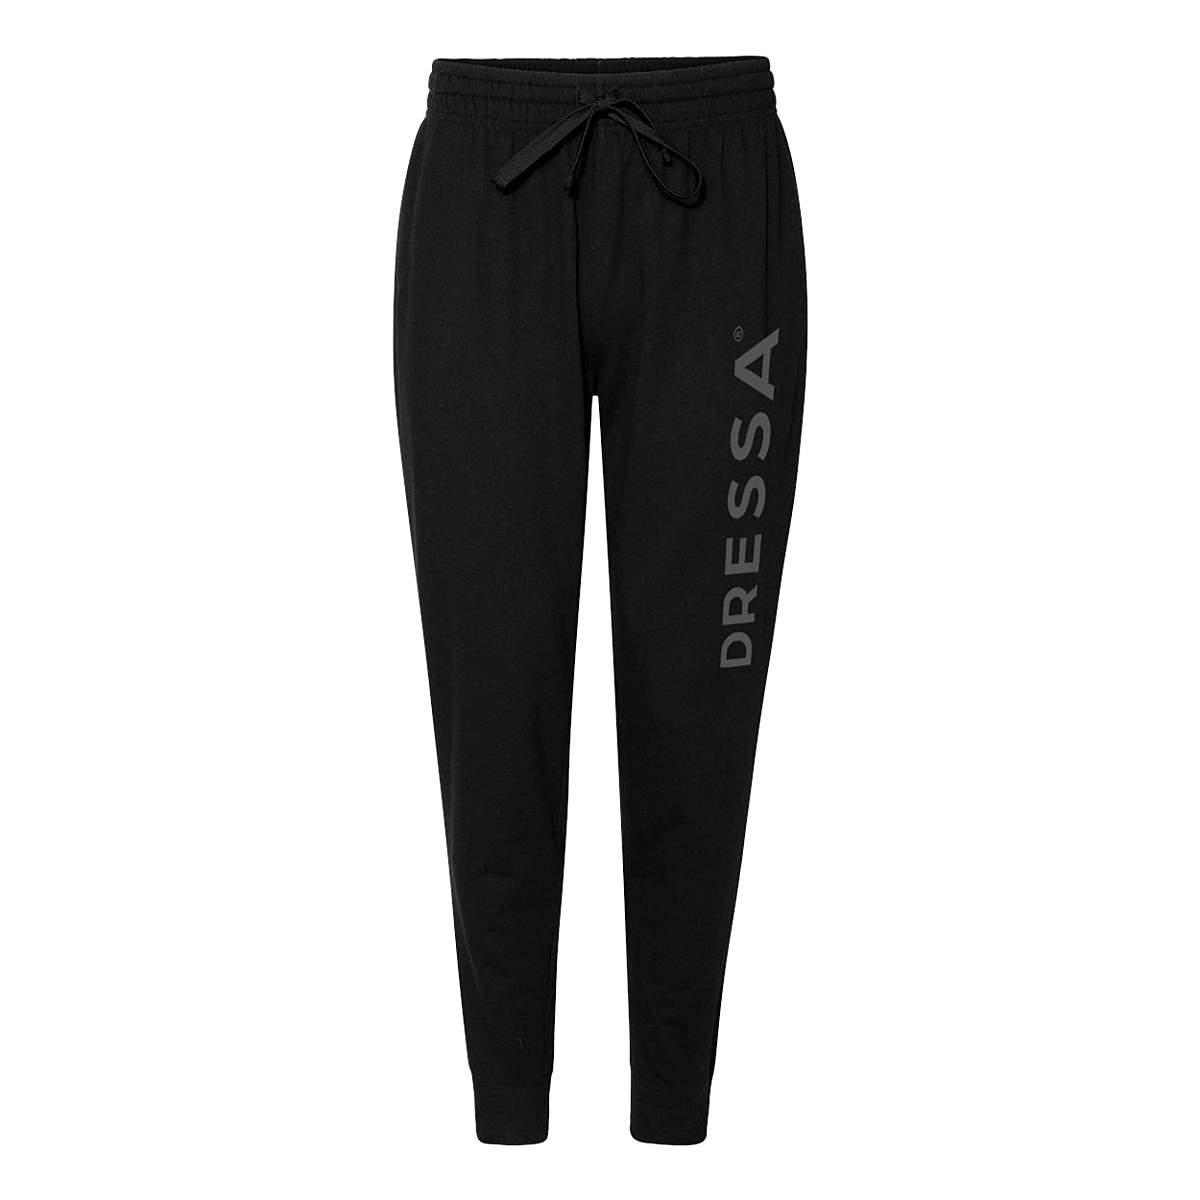 Dressa Jogger pamut női melegítő nadrág - fekete